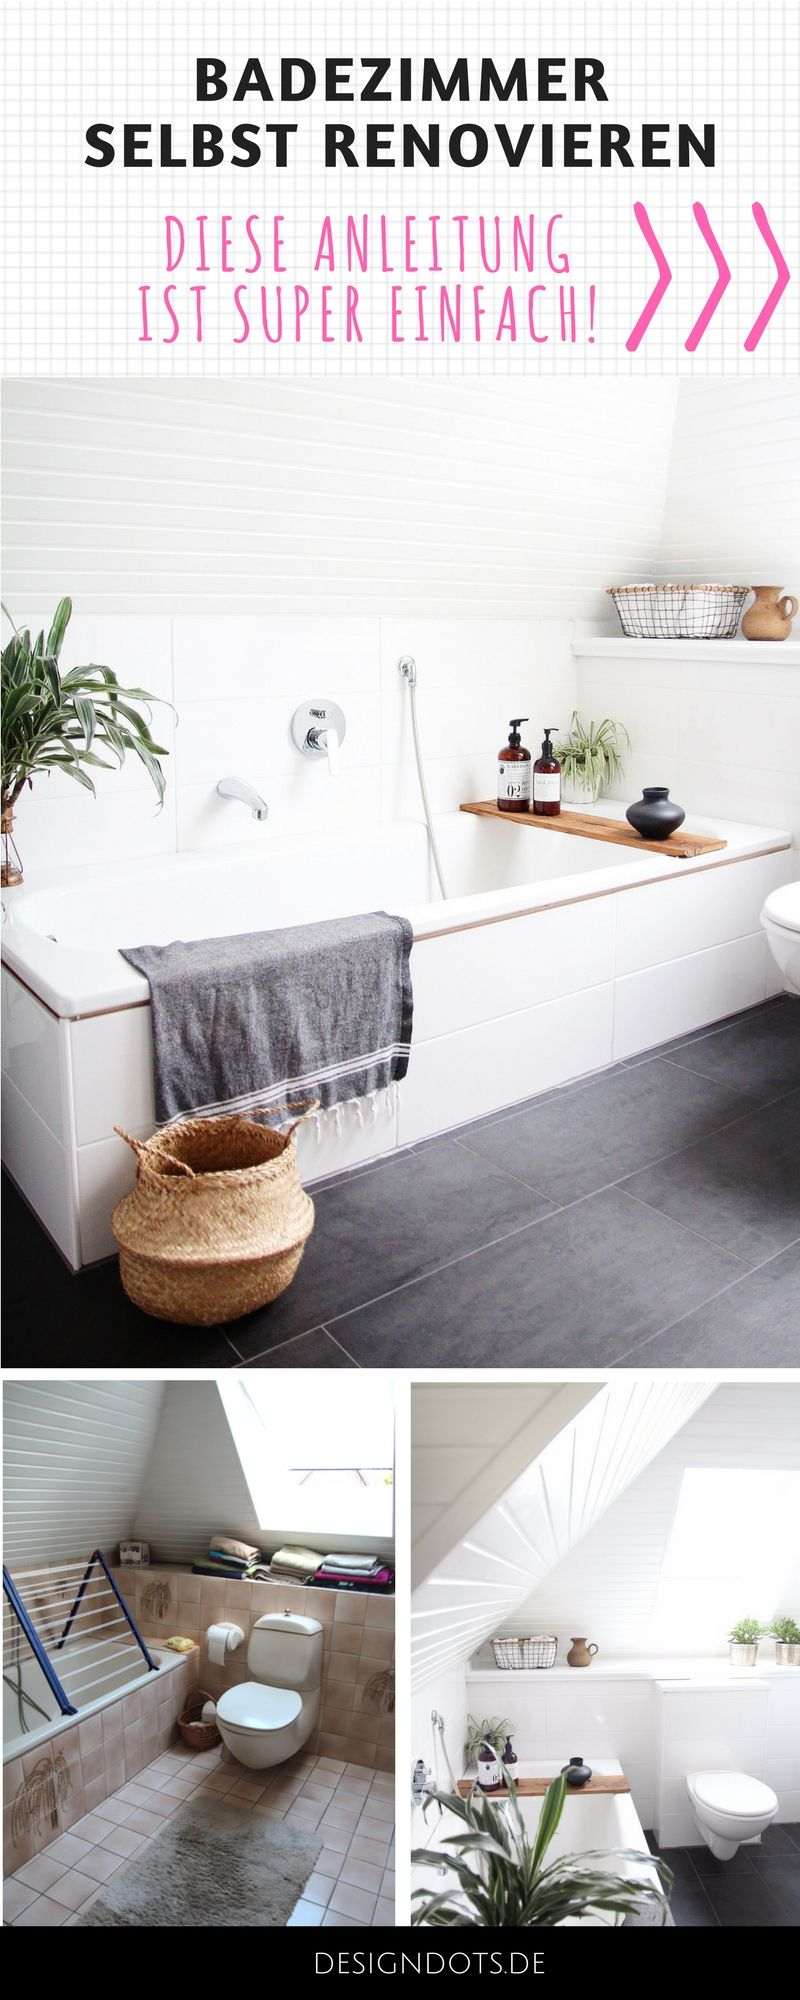 badezimmer selbst renovieren vorher nachher wohnung einrichten pinterest badezimmer. Black Bedroom Furniture Sets. Home Design Ideas